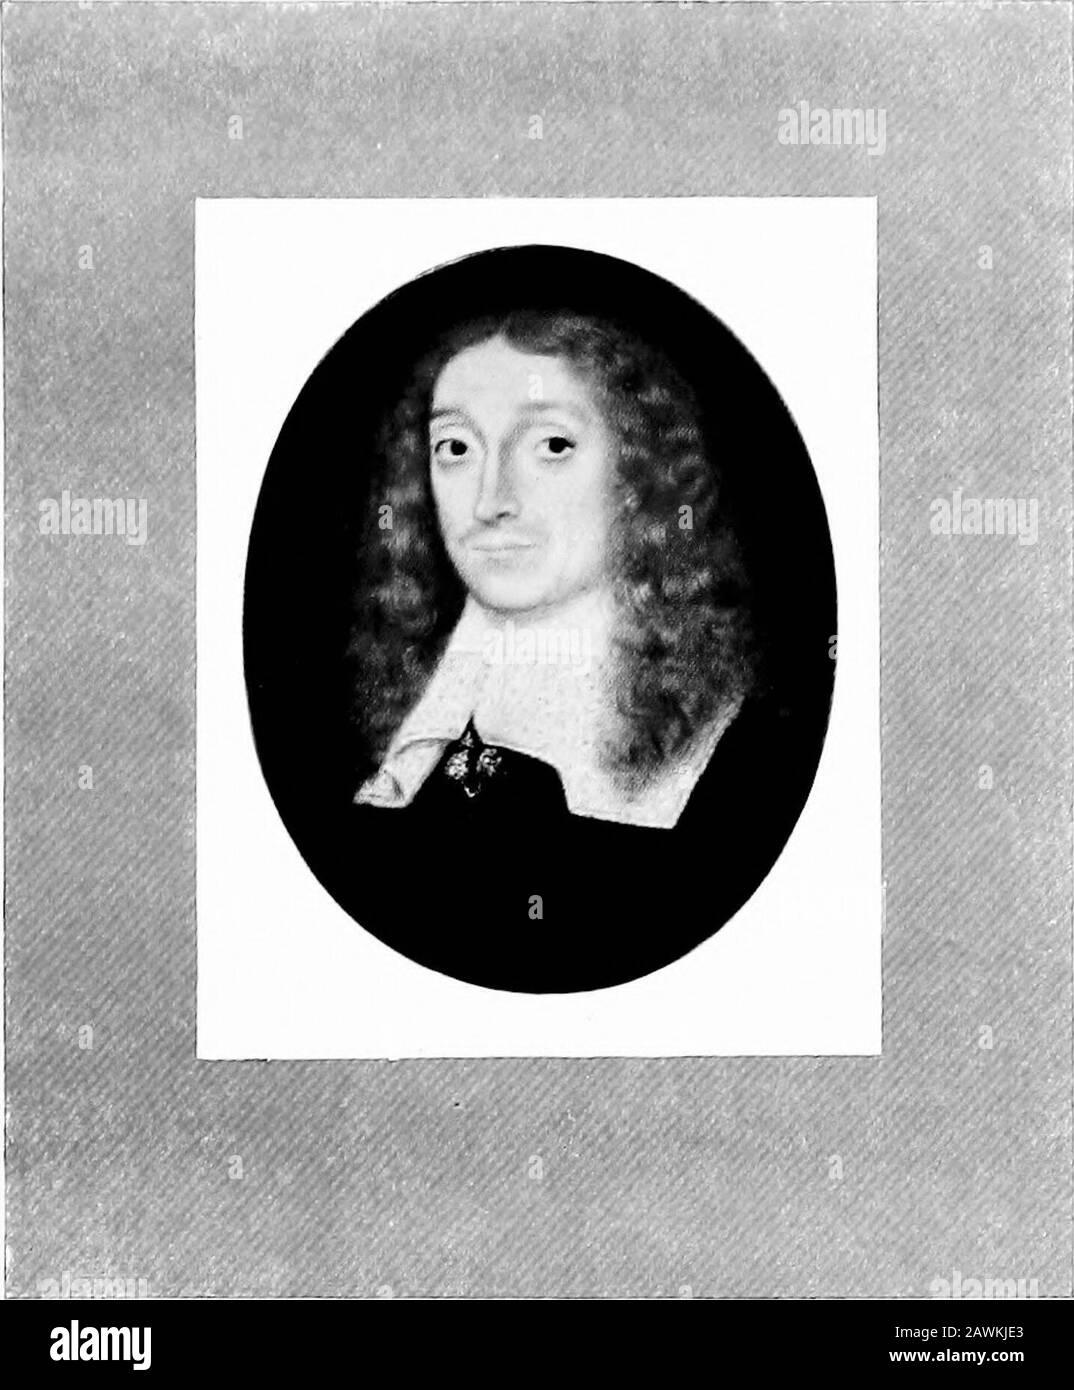 Miniatures de portrait; . RACHEL FANE, COMTESSE DE BATH ET PLUS TARD DE MIDDLESEX (161 2-1680) PAR DAVID DES GRANGES DE LA COLLECTION DE M. E. M. HODGKIN3. JOHN MILTONARTIST INCONNU DE LA COLLECTION DU DR G. C. WILLIAMSON Banque D'Images